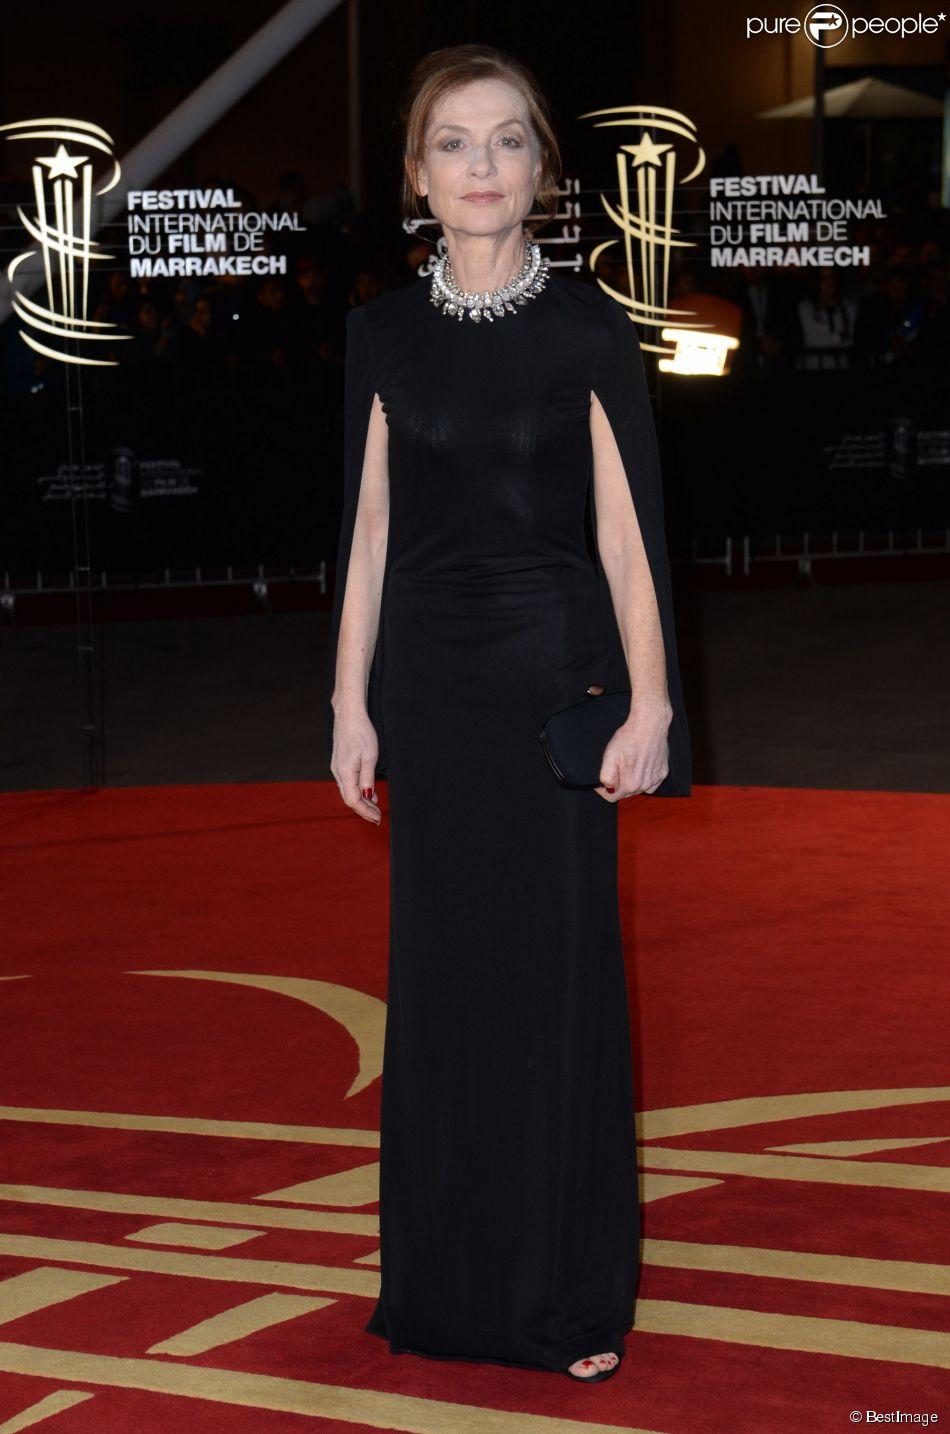 Isabelle Huppert - 14e festival international du film de Marrakech au Maroc le 6 décembre 2014.